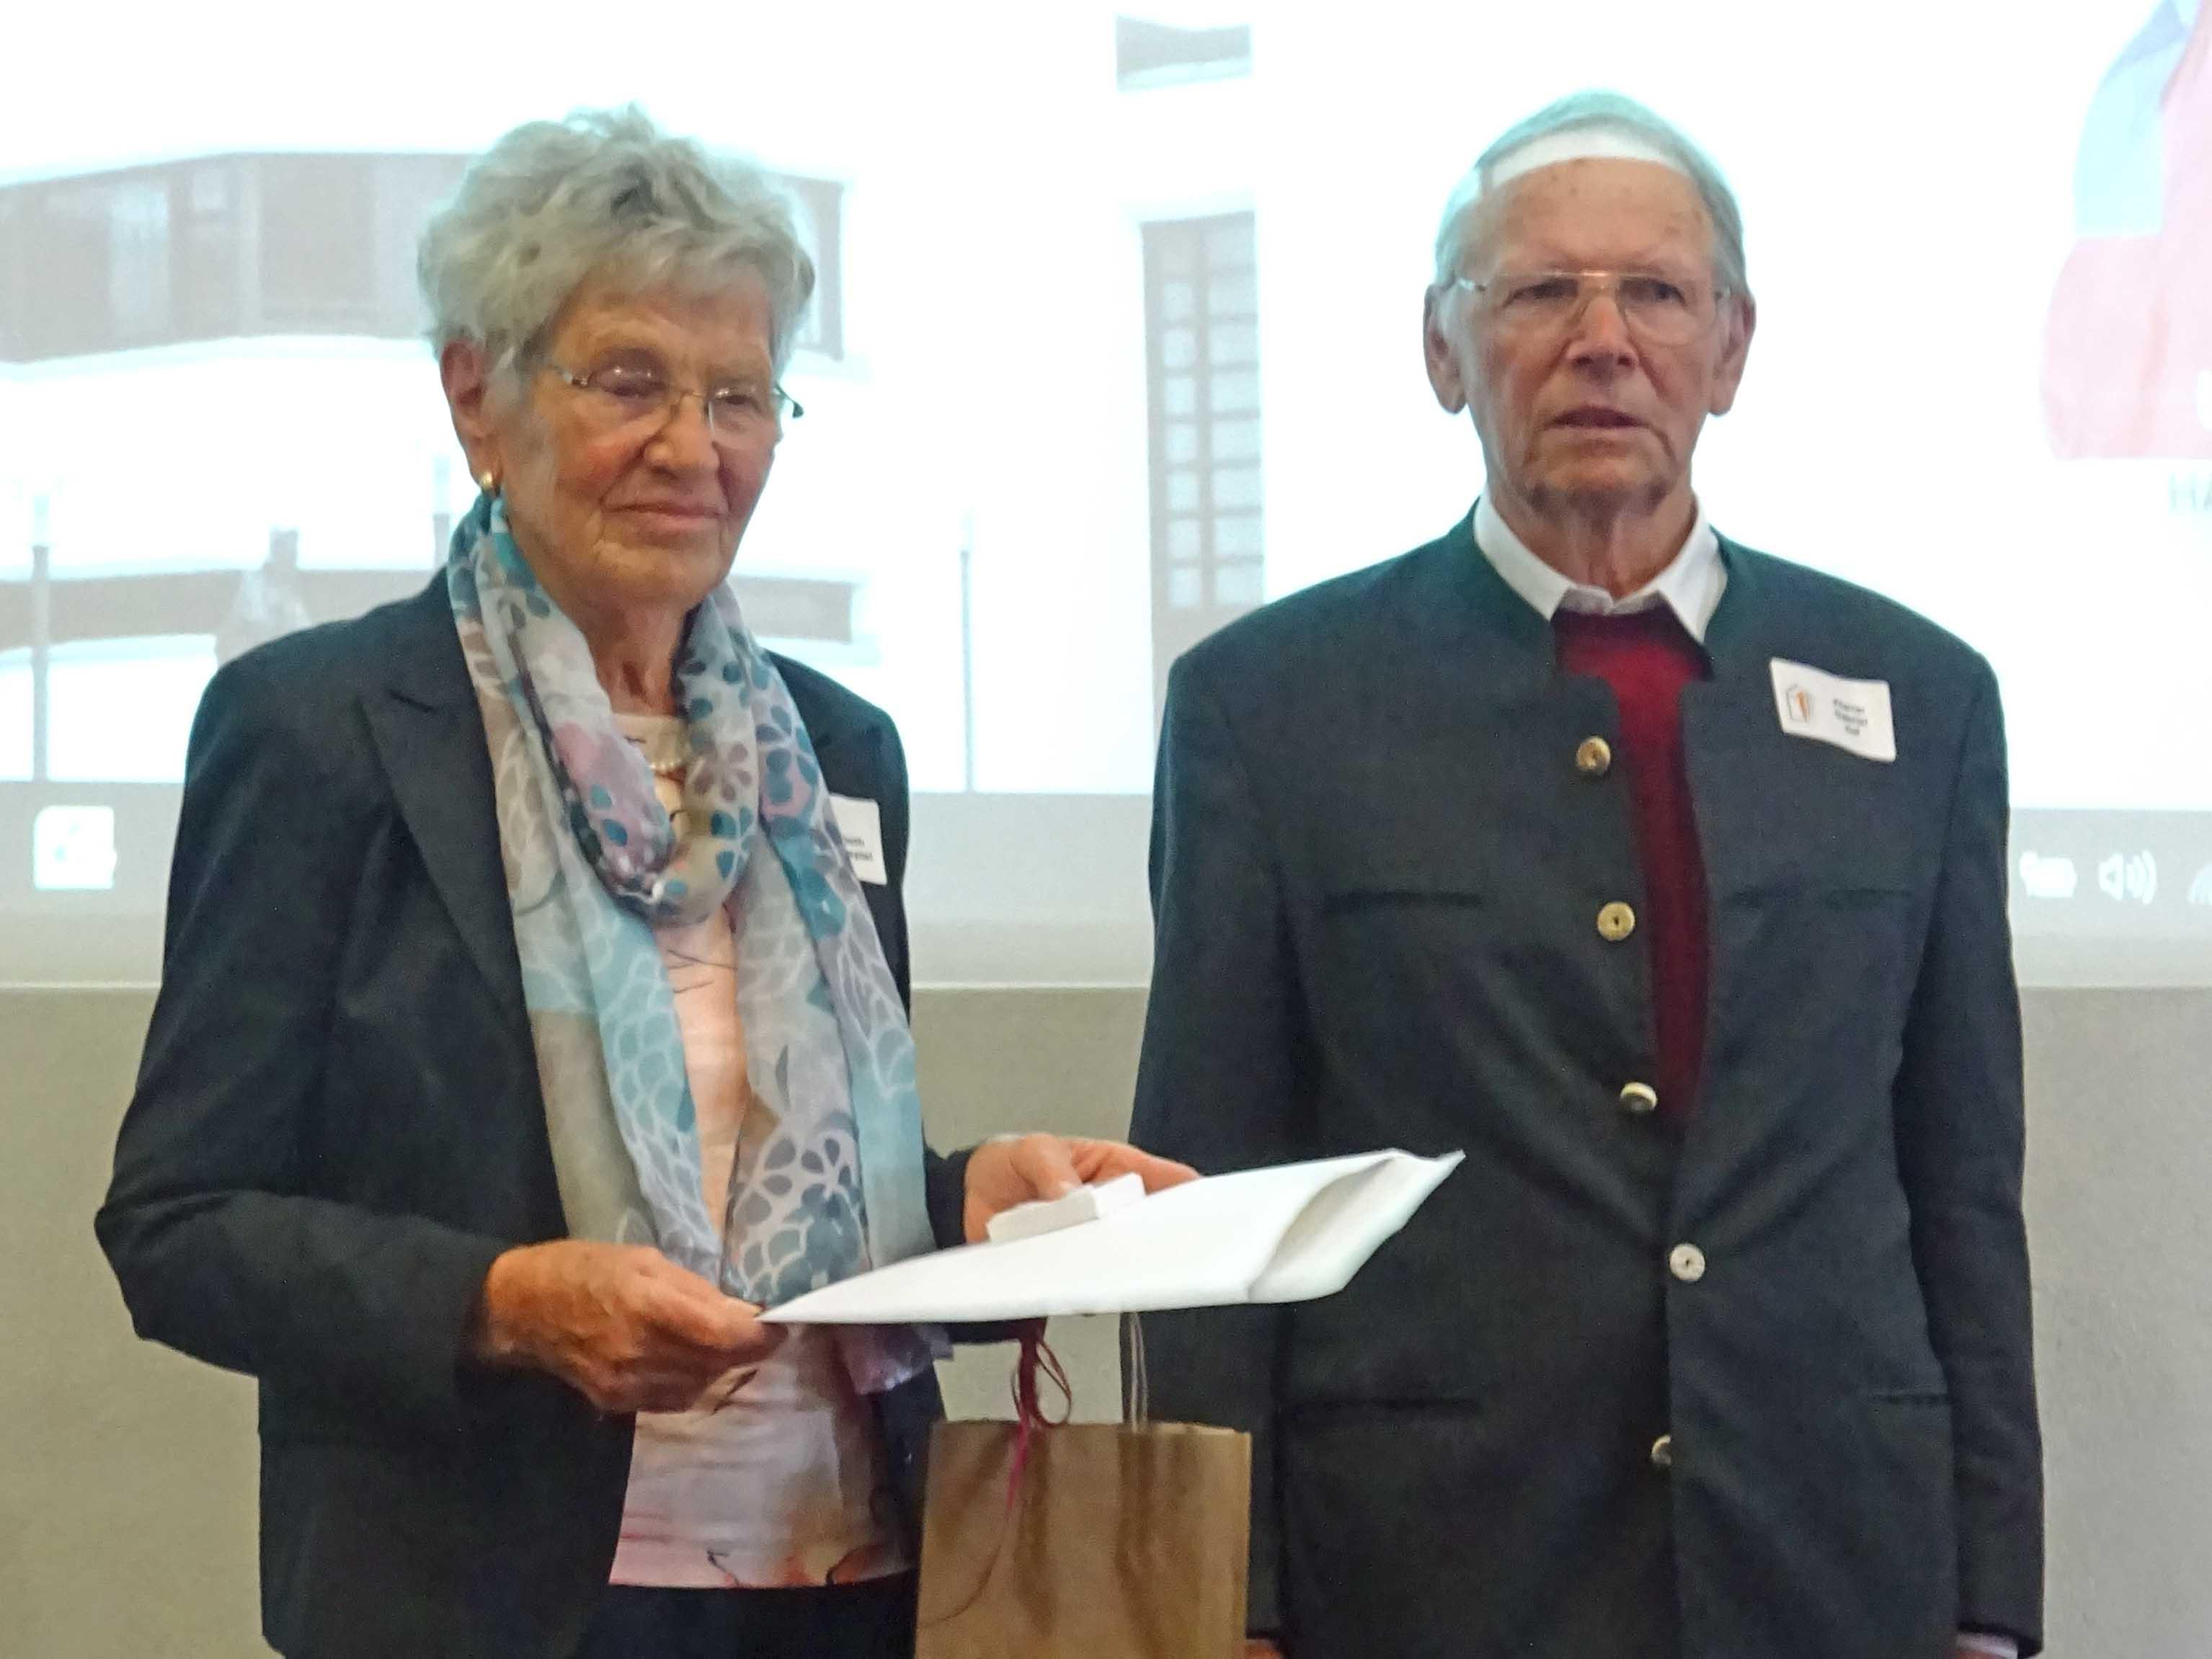 50 Jahre im Dienst als Pfarrhaushälterin: Elisabeth Waltenspiel bei Ruhestandspfarrer Gabriel Haf. (Foto: Roswitha Böck)